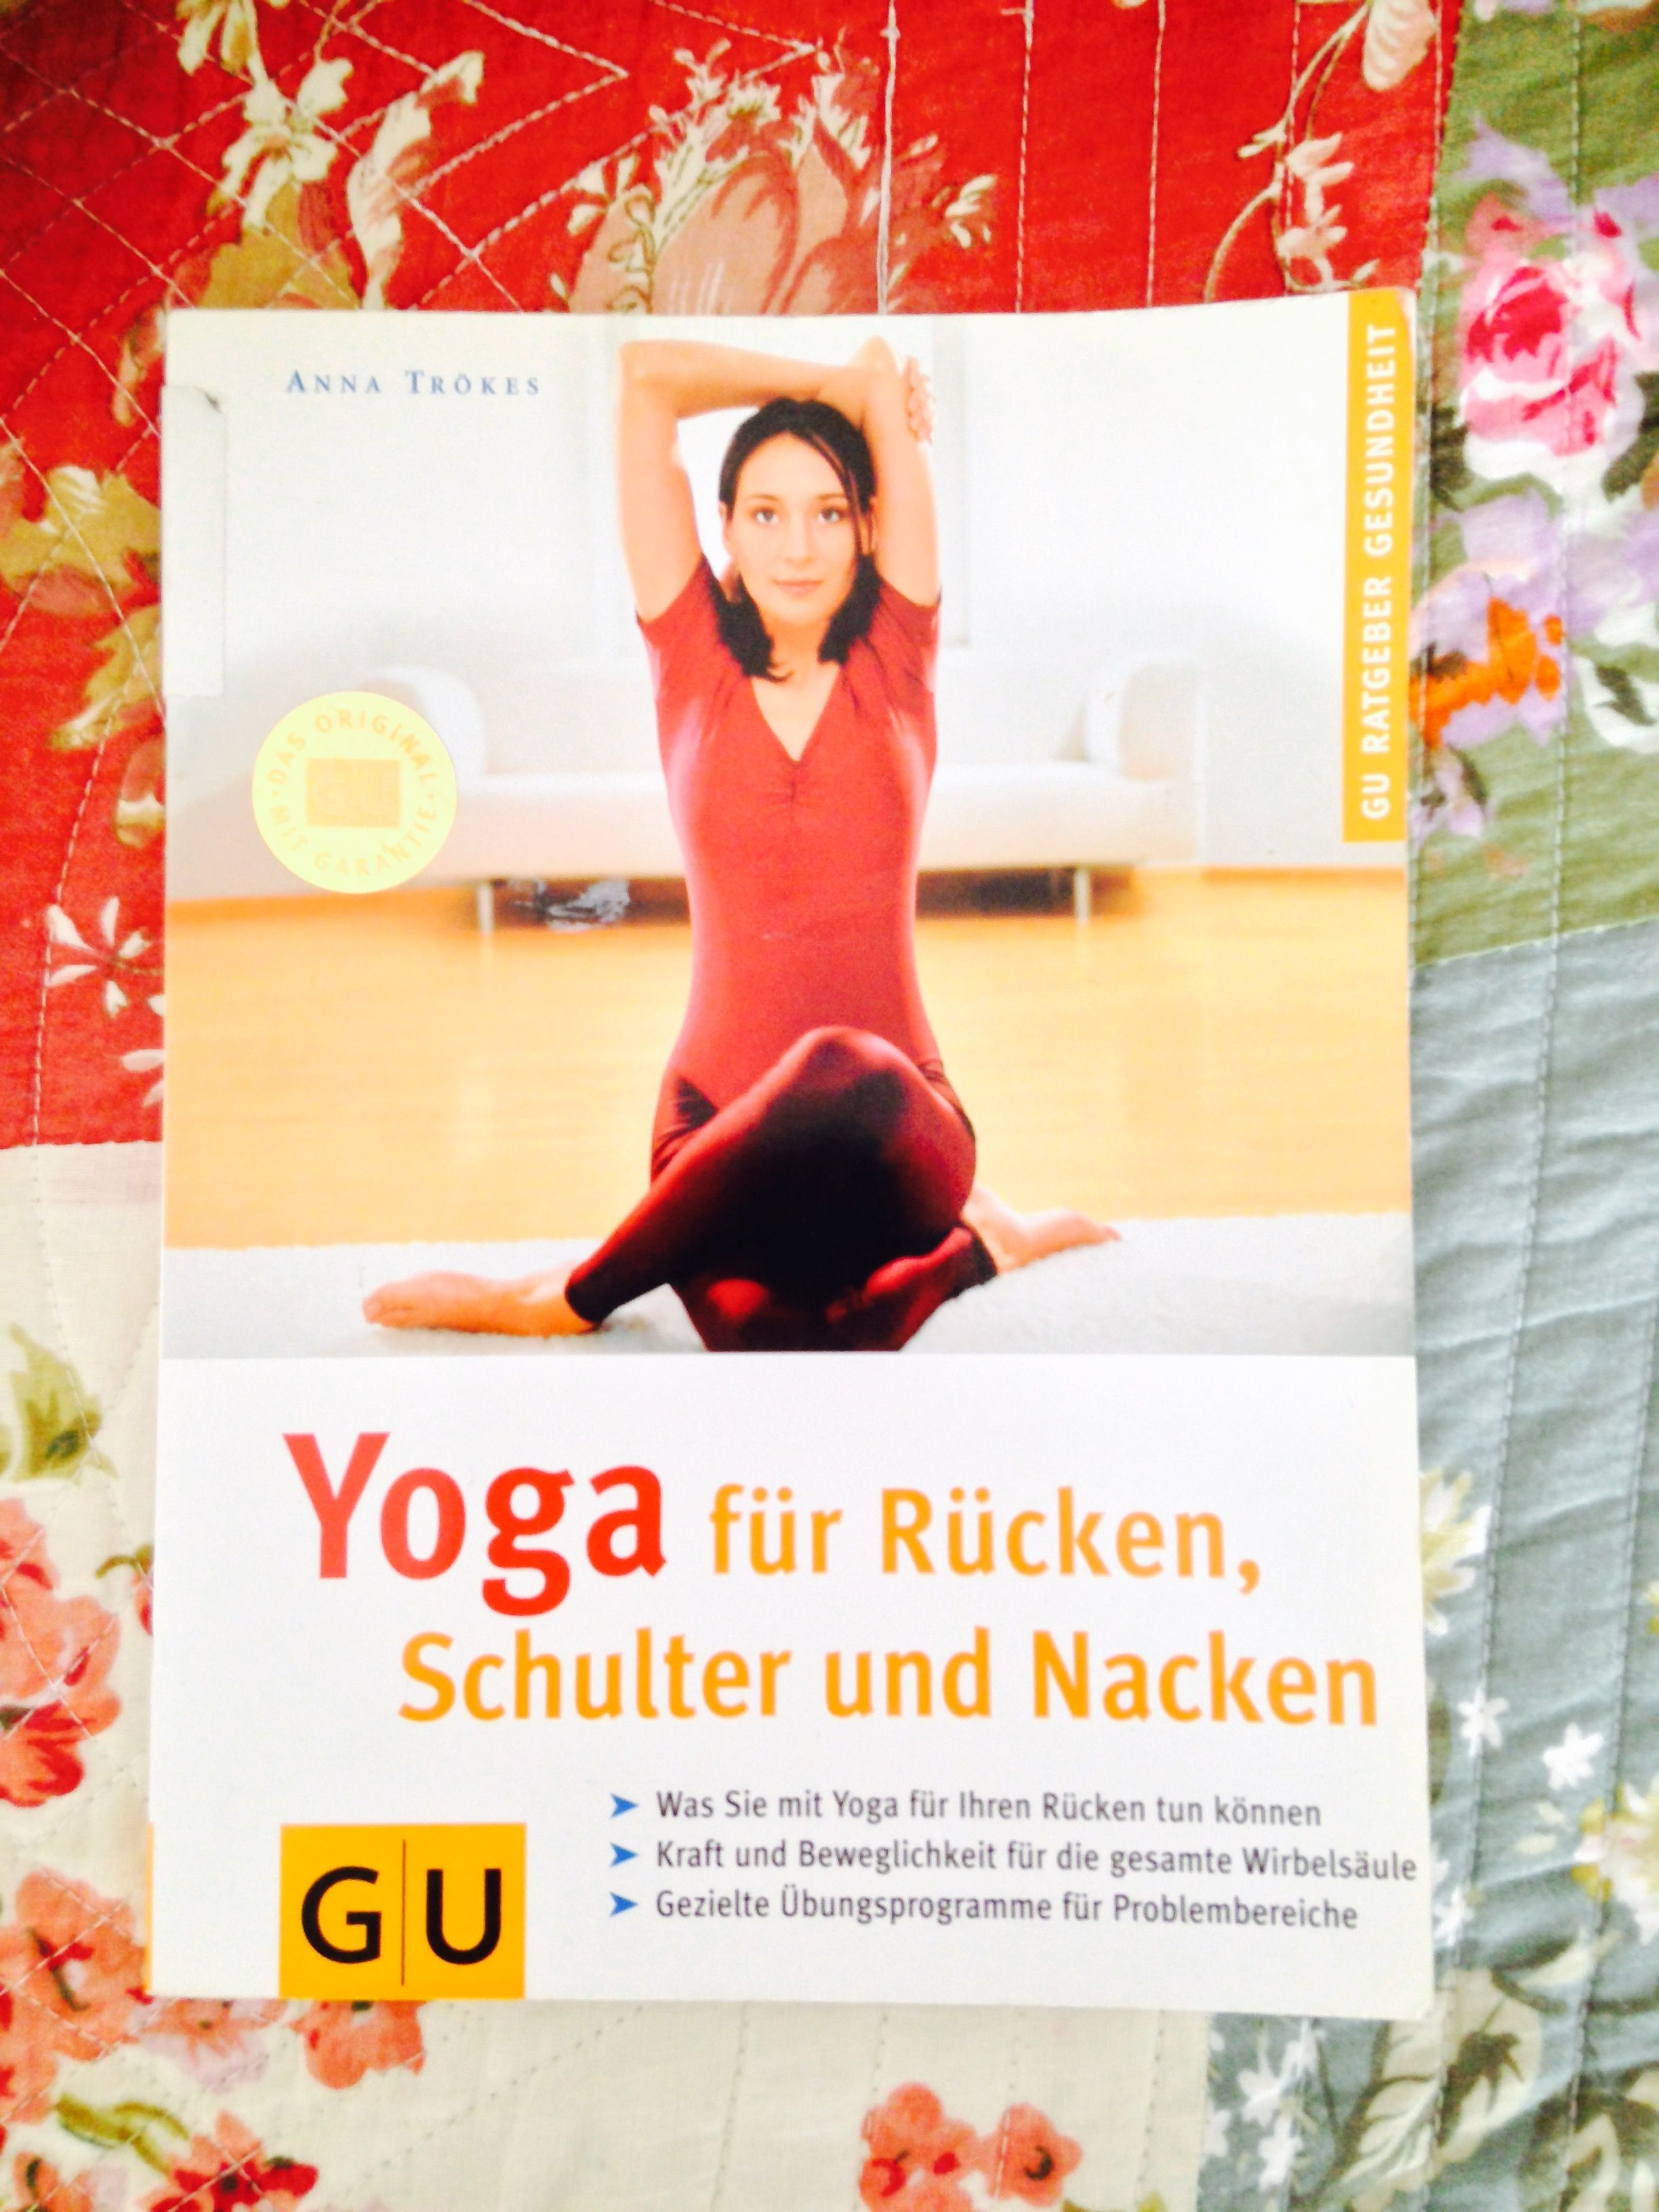 Yoga für Rücken, Schulter und Nacken. In meinem Bücherregal.